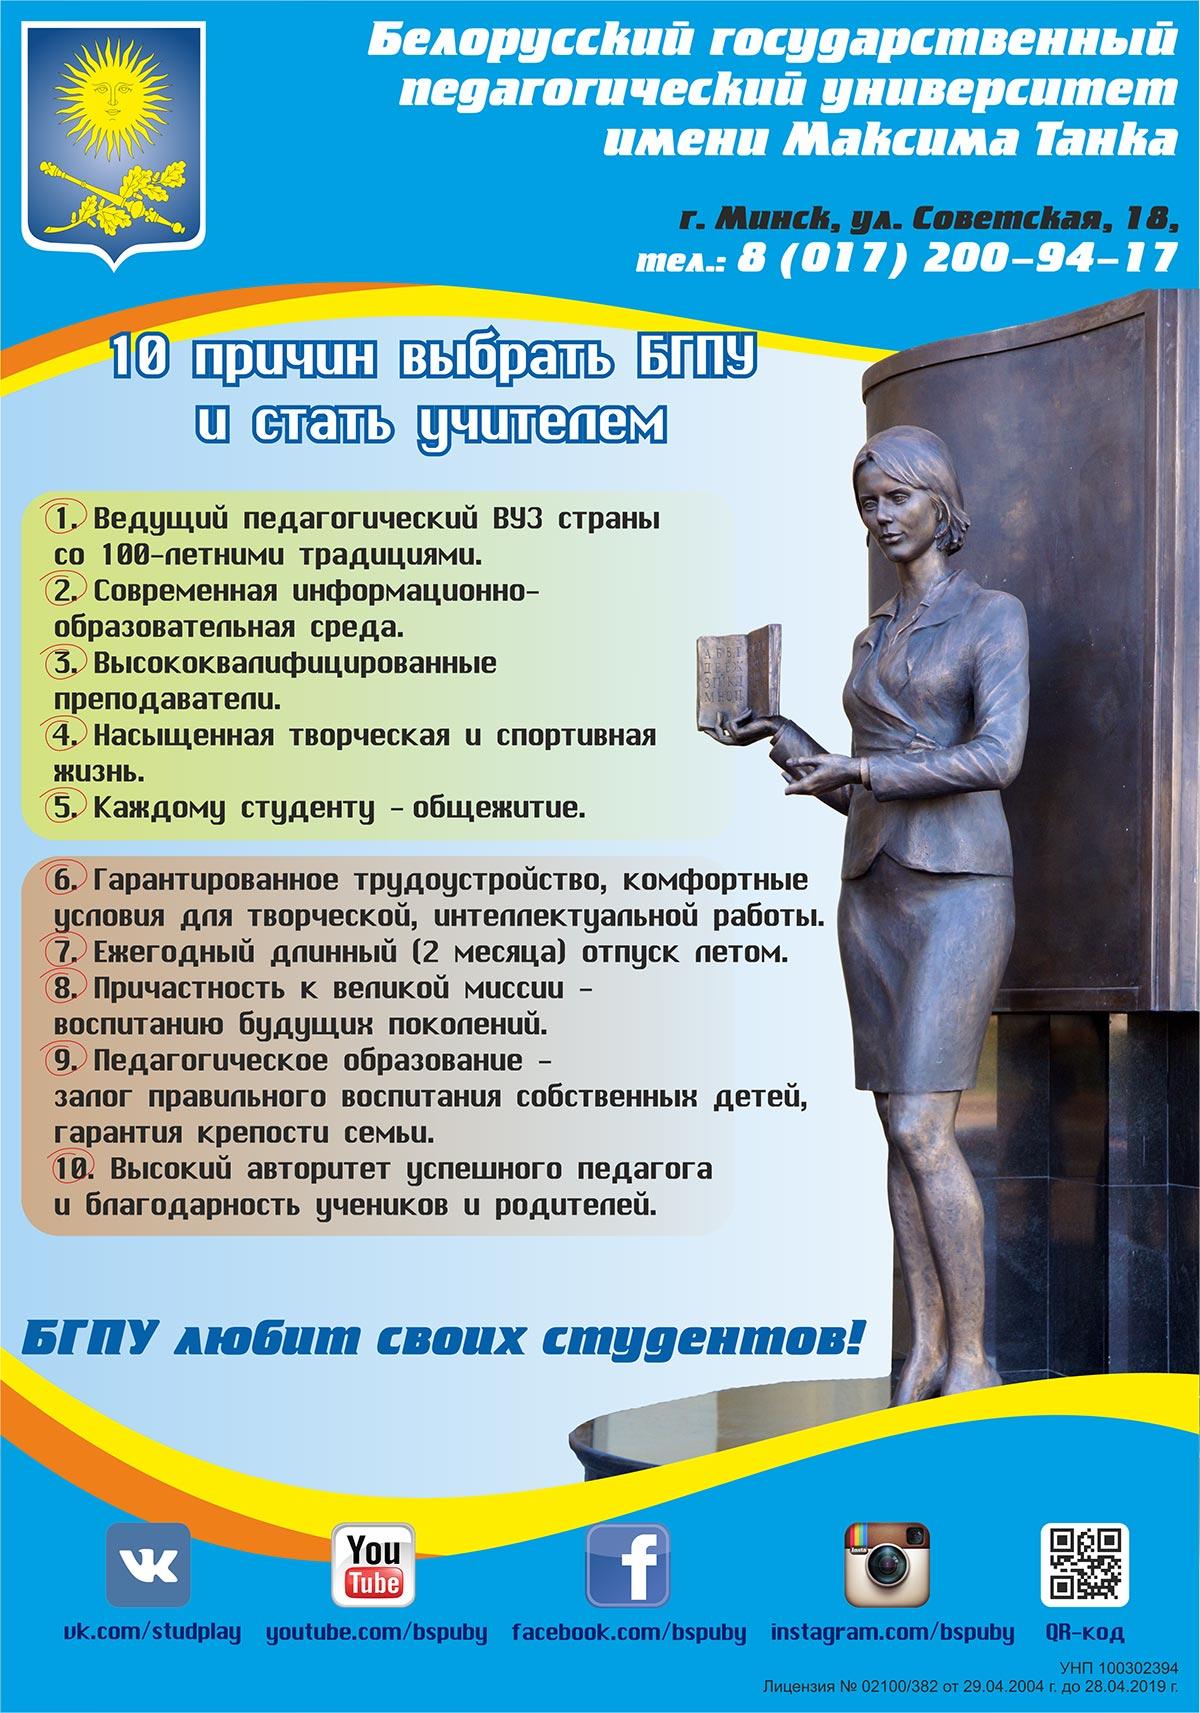 10 причин выбрать БГПУ